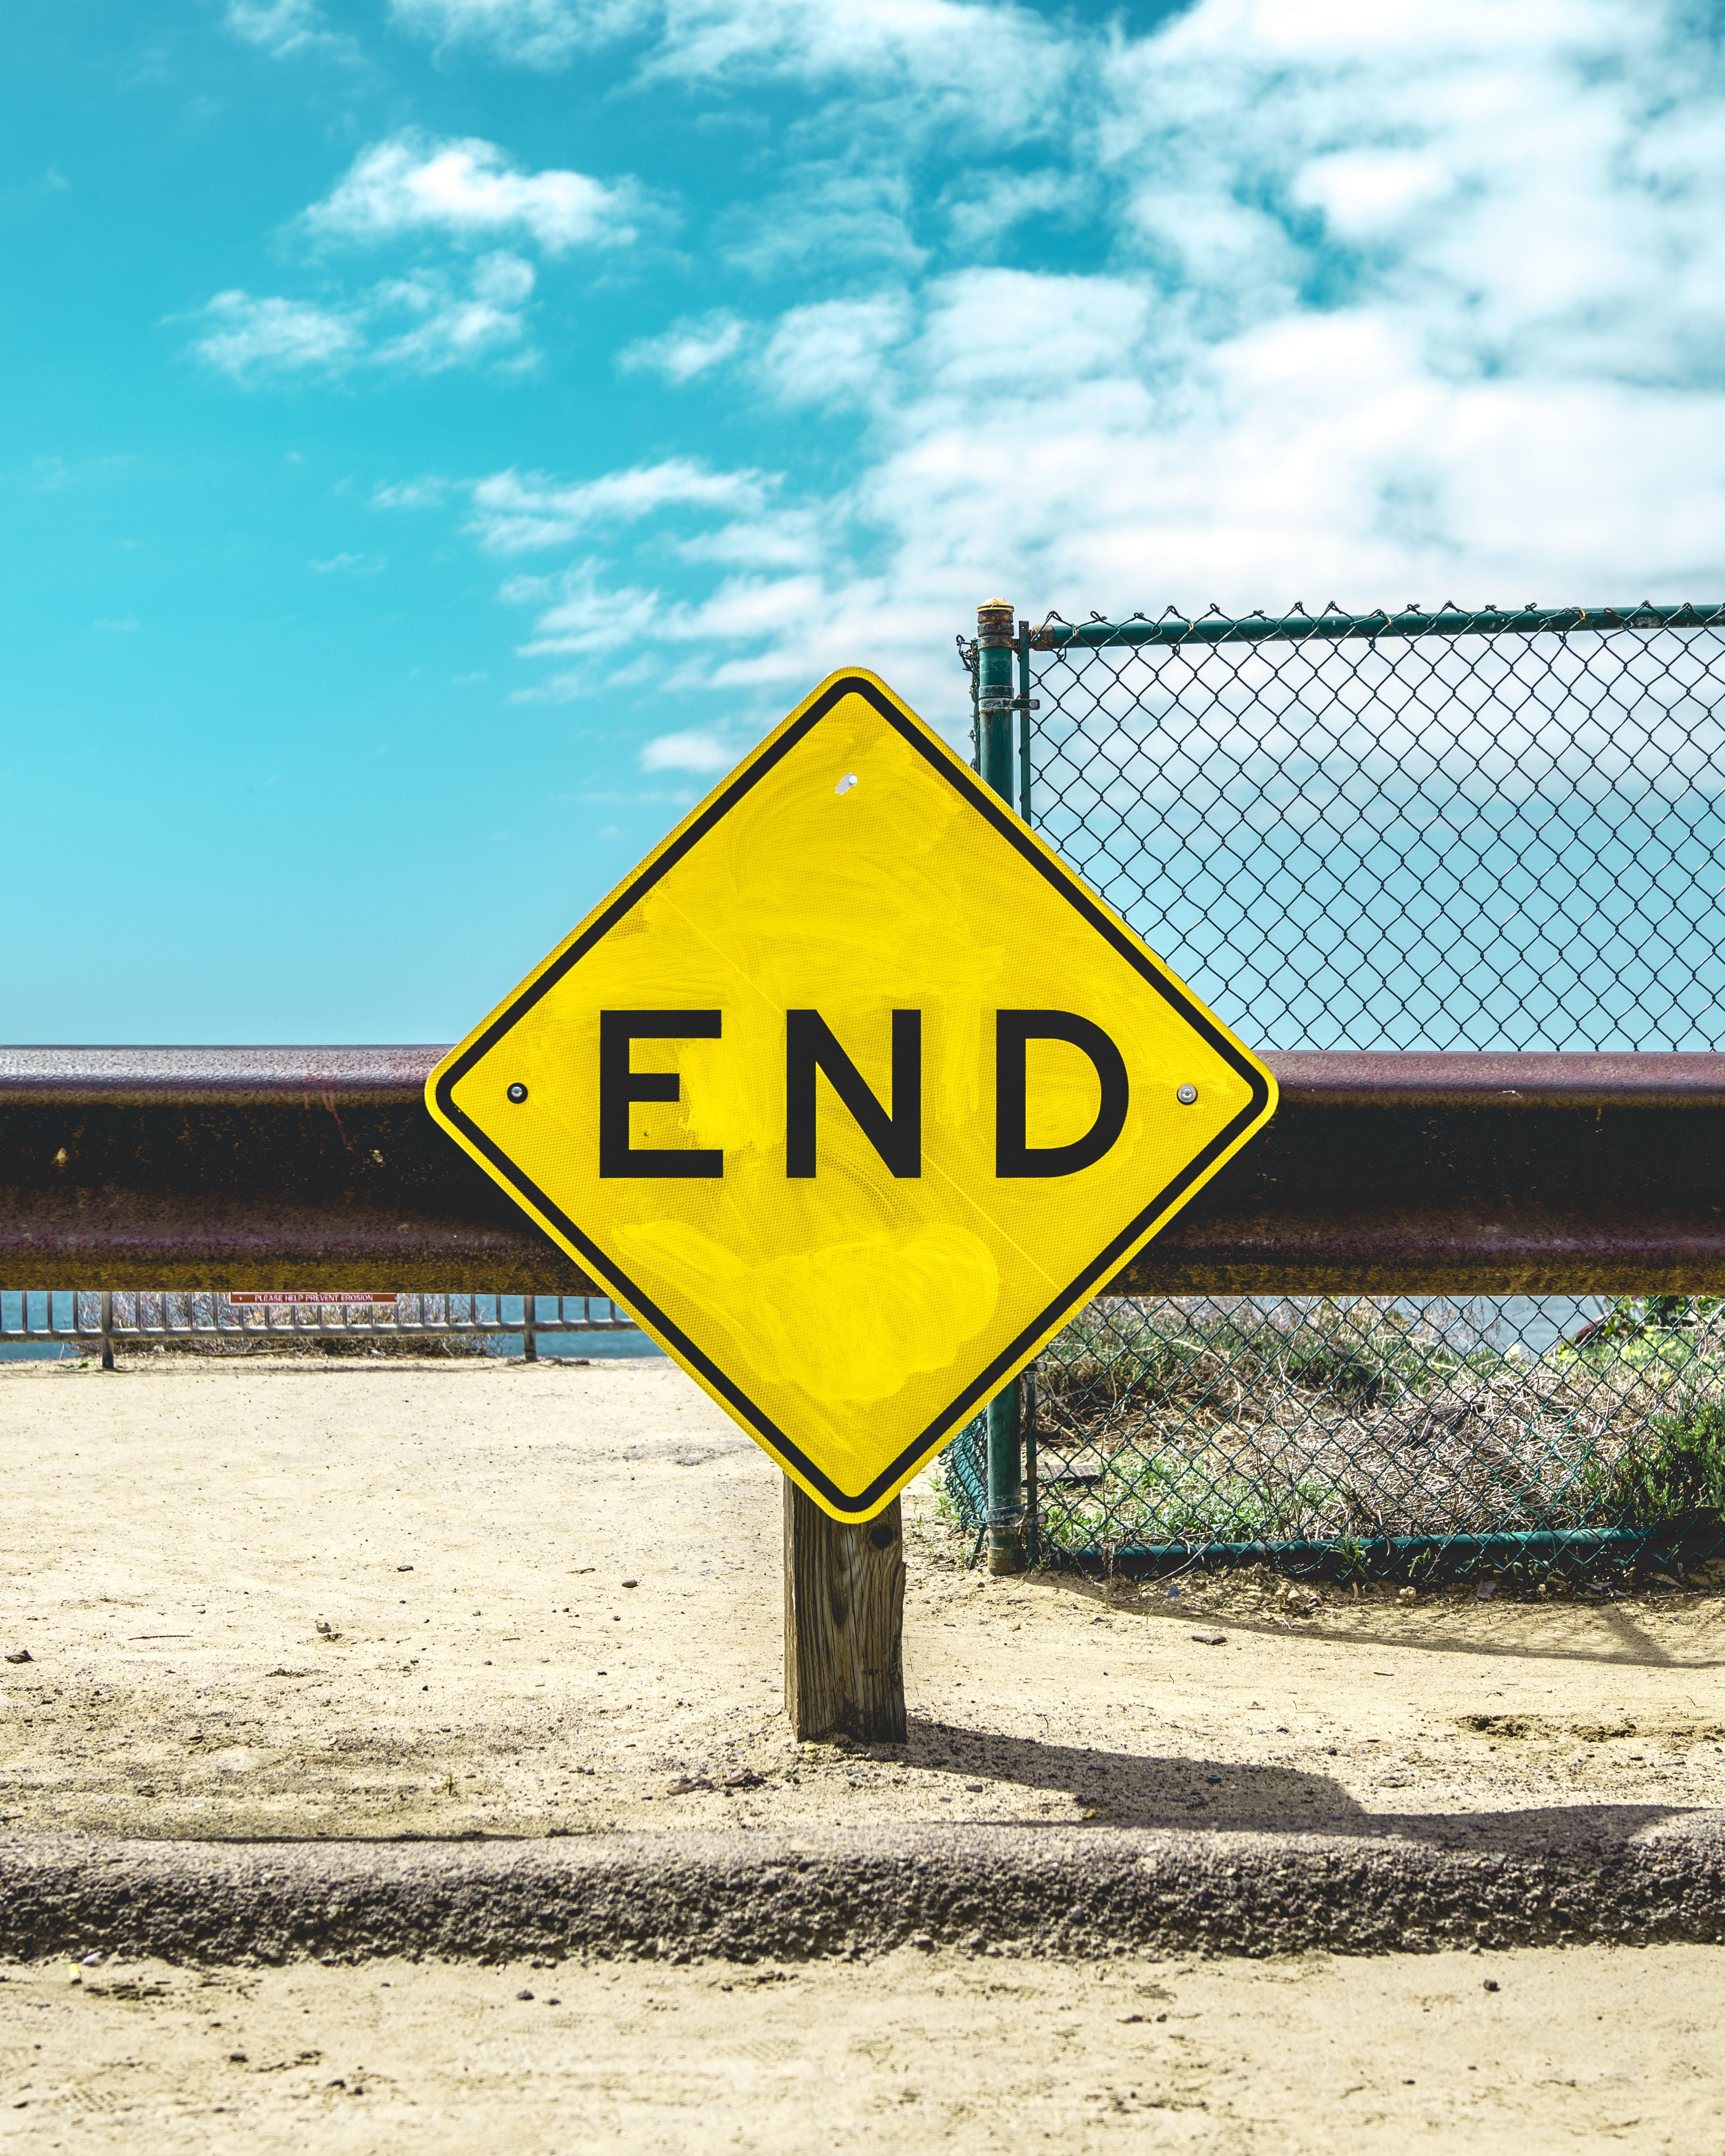 End sign on beige sand